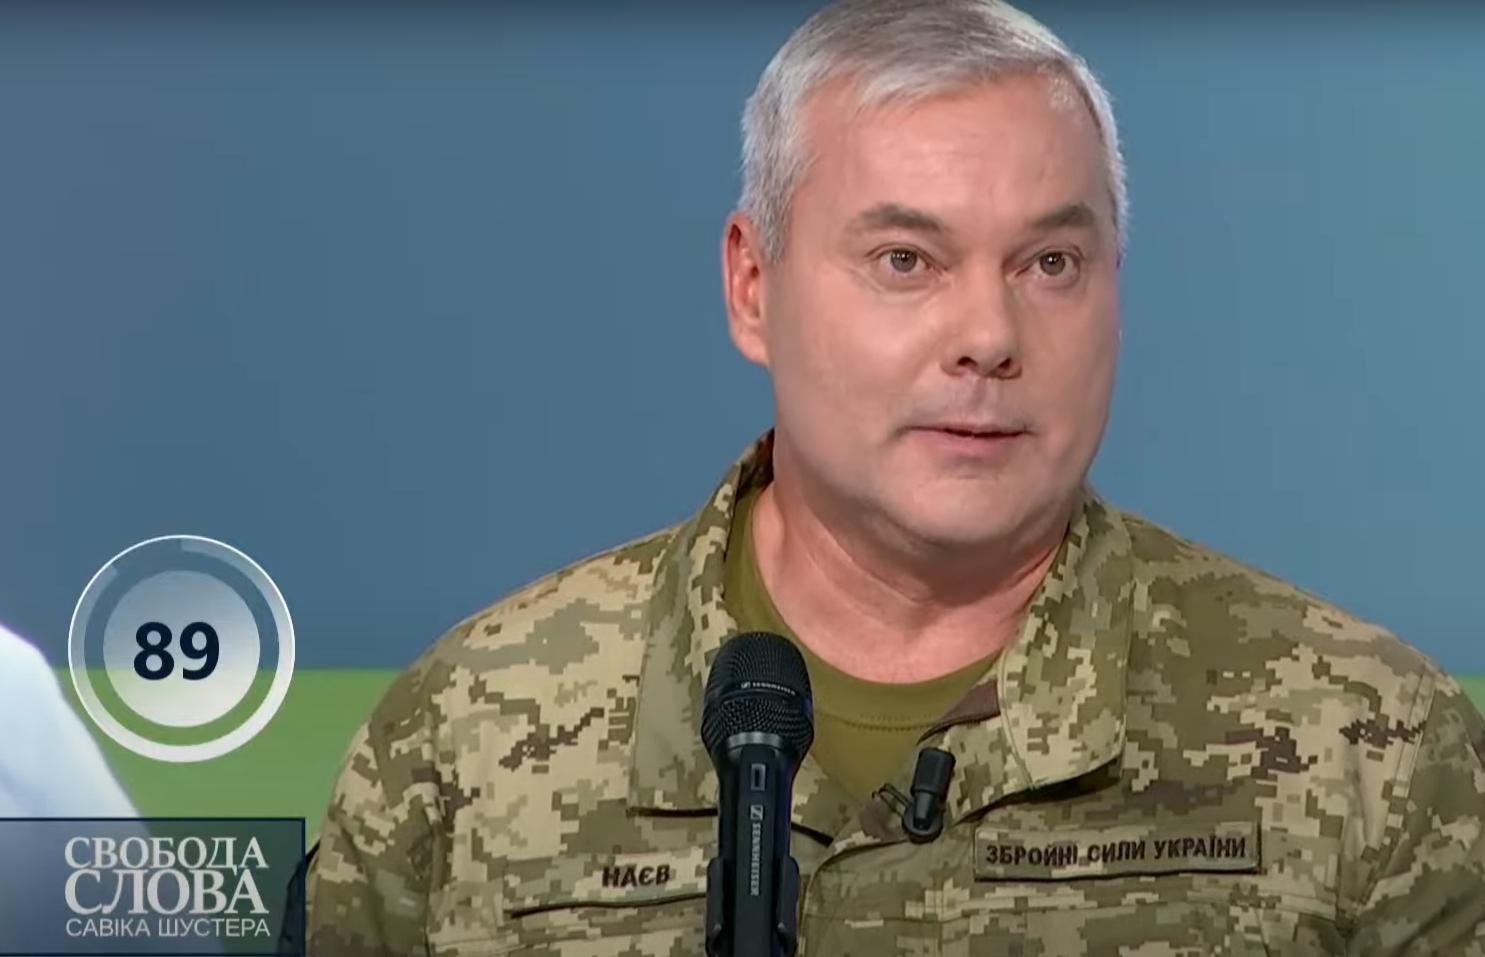 Сергей Наев оценил вероятность наступления оккупантов на Донбассе.